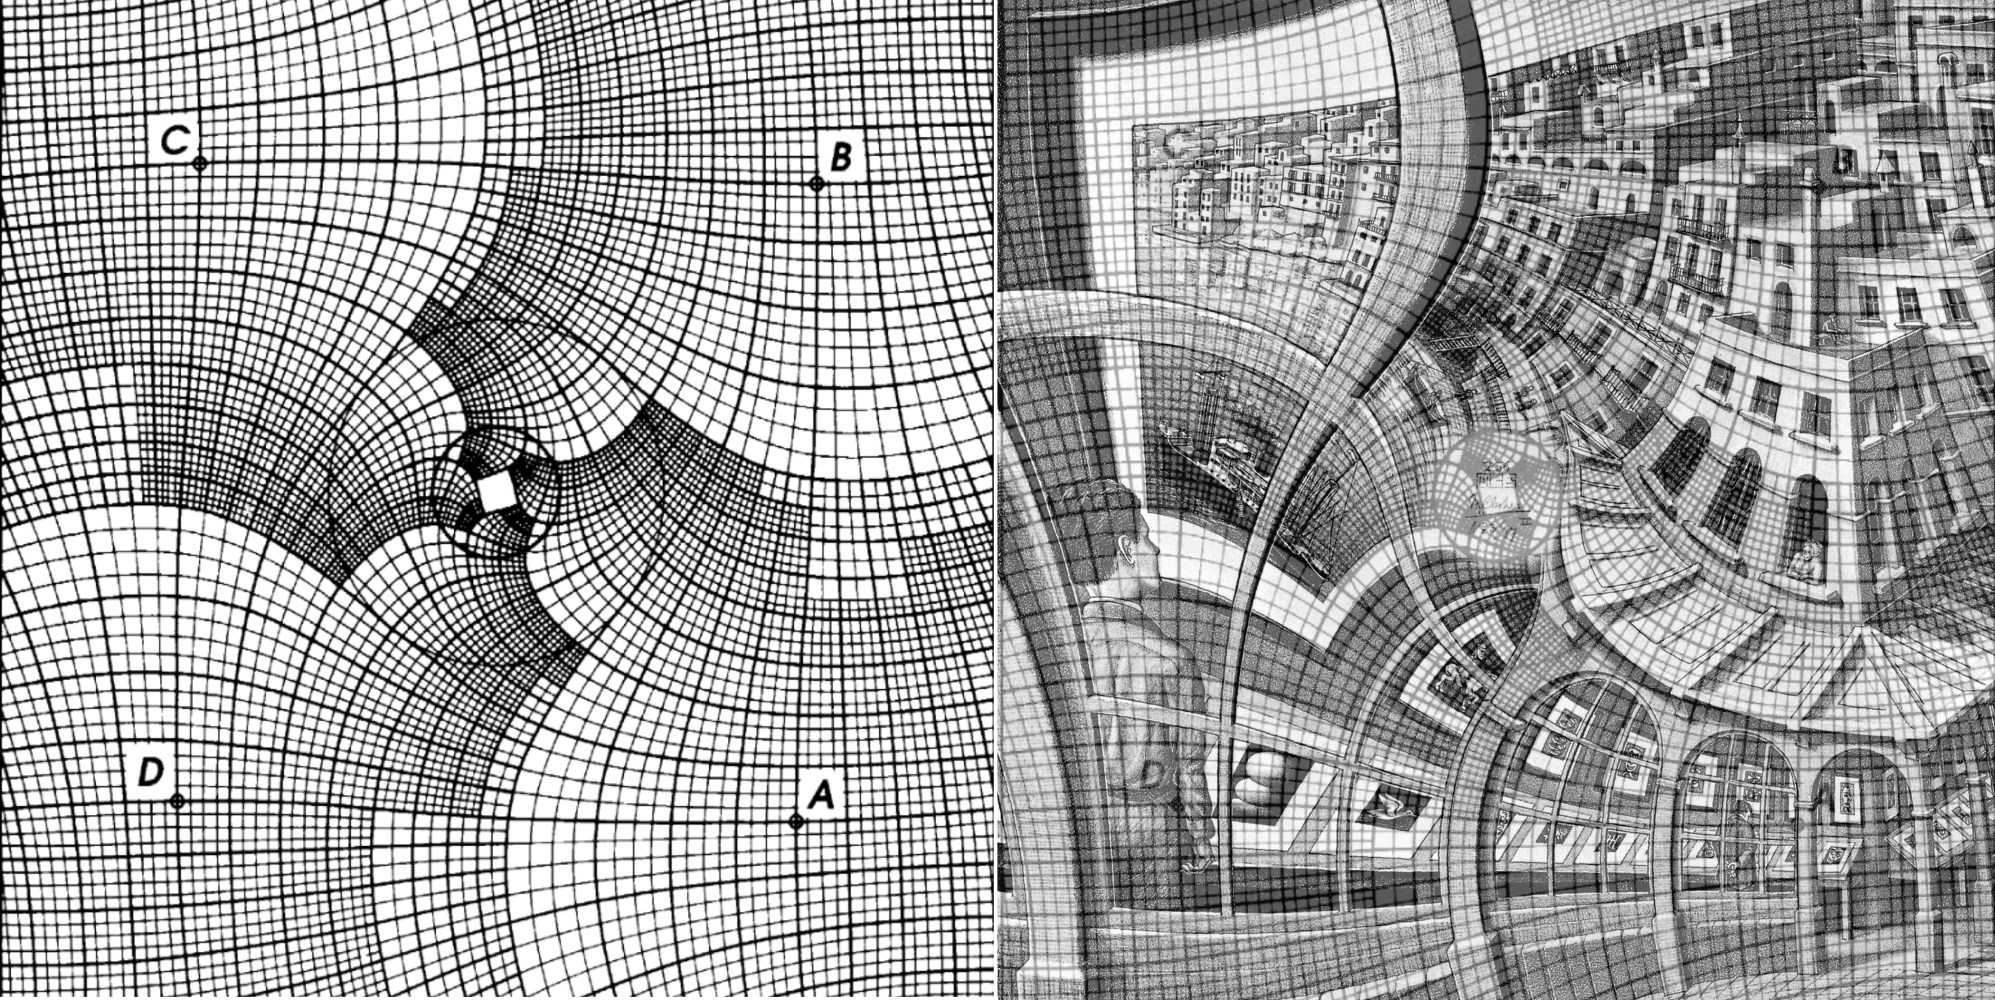 """Escher verwendete für """"Prentententoonstelling"""" eine komplexe Transformation: links das Gitter aus der Veröffentlichung von B. de Smit and H. W. Lenstra Jr., rechts wurde es auf Eschers Lithografie gelegt."""